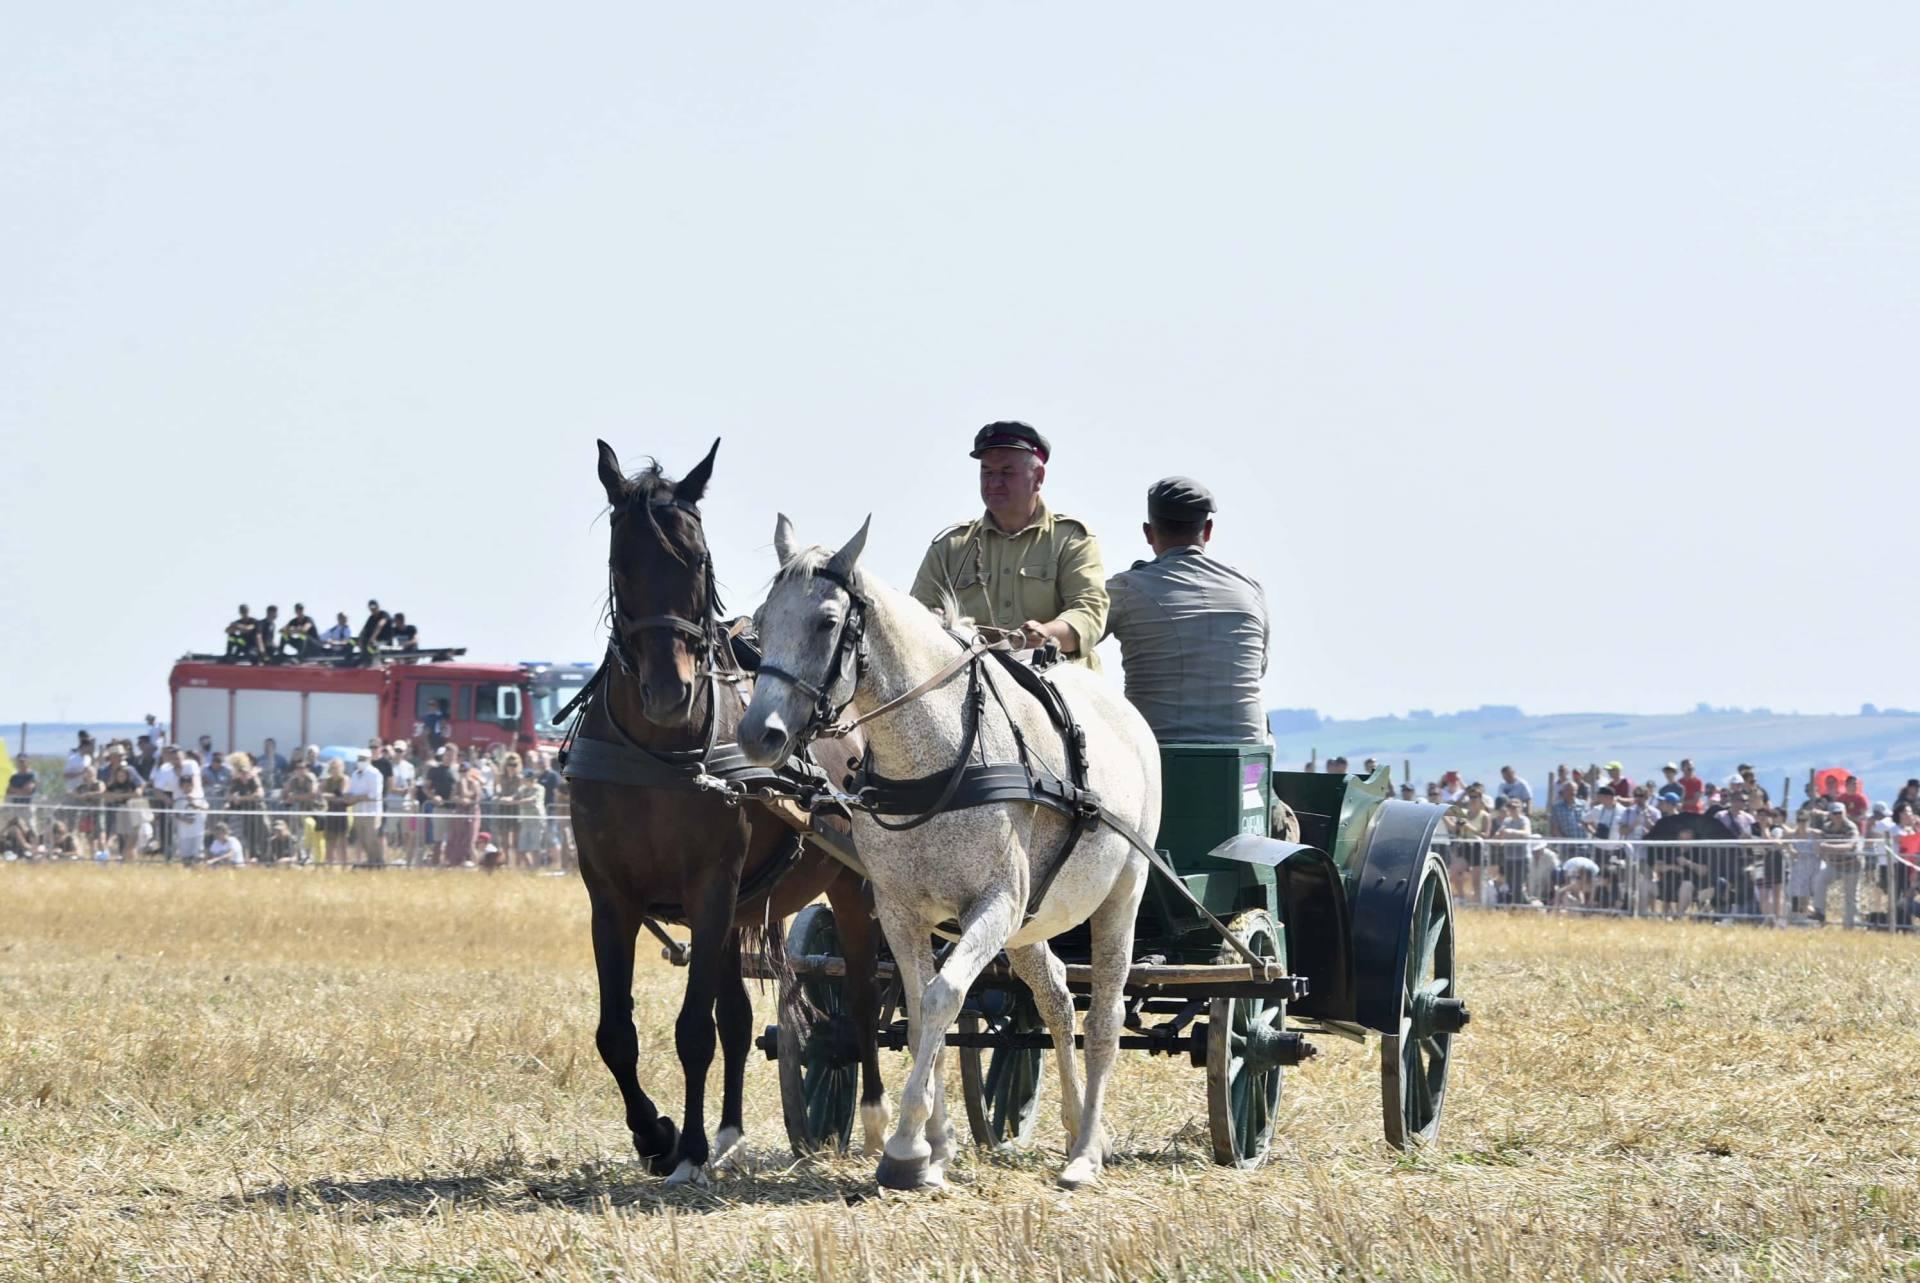 dsc 0573 Czas szabli - 100 rocznica bitwy pod Komarowem(zdjęcia)